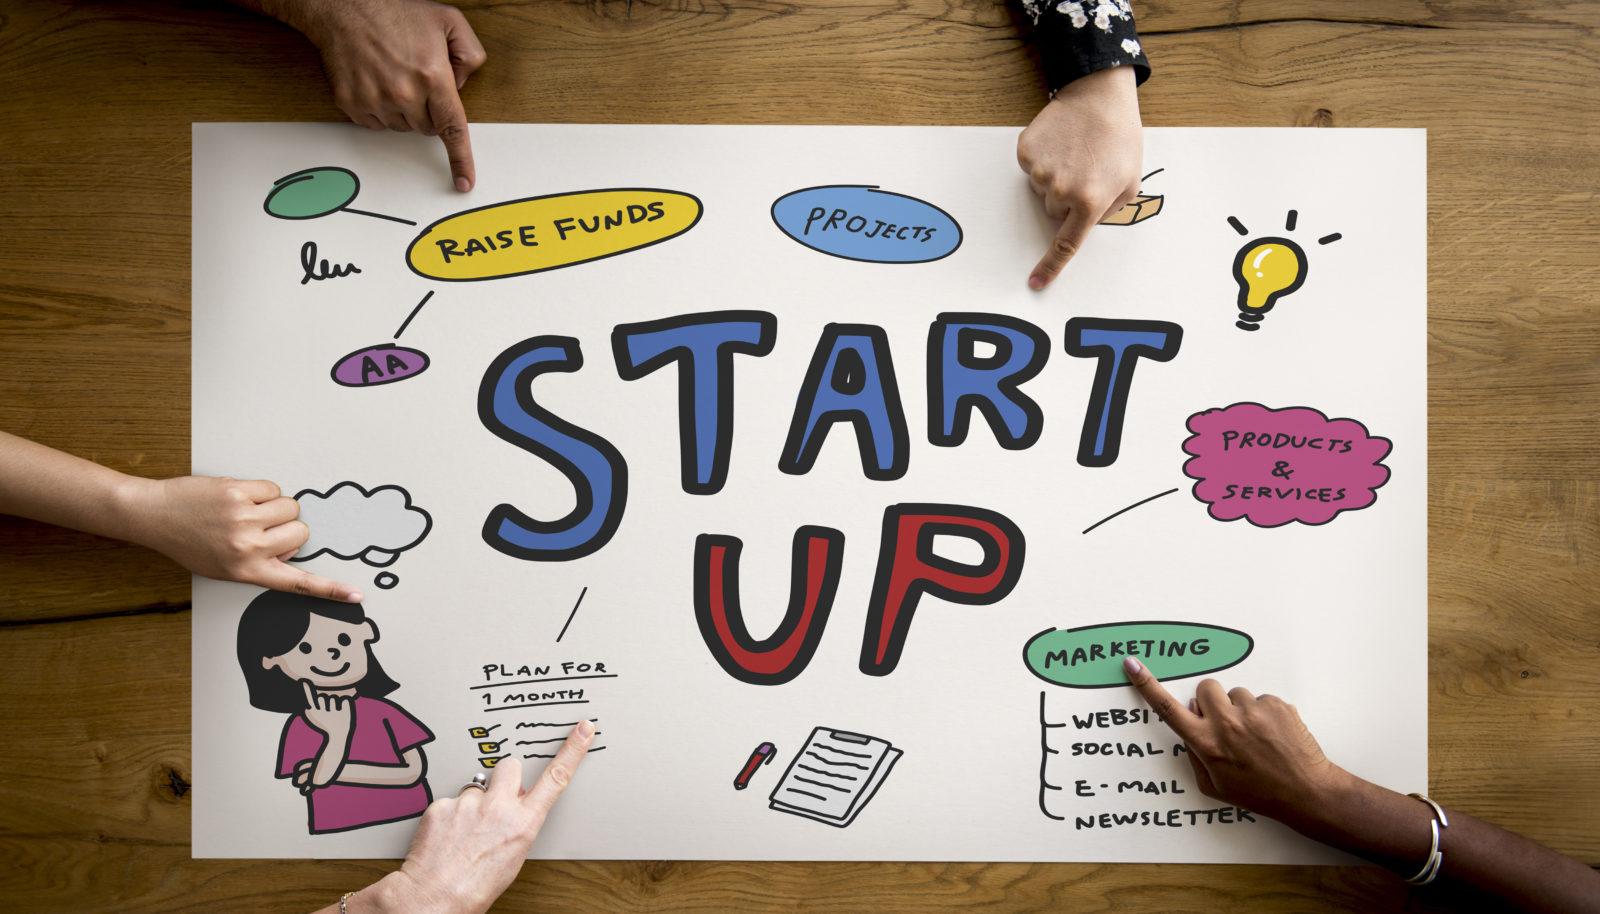 4 Debt Free Ways to Fund Your Startup